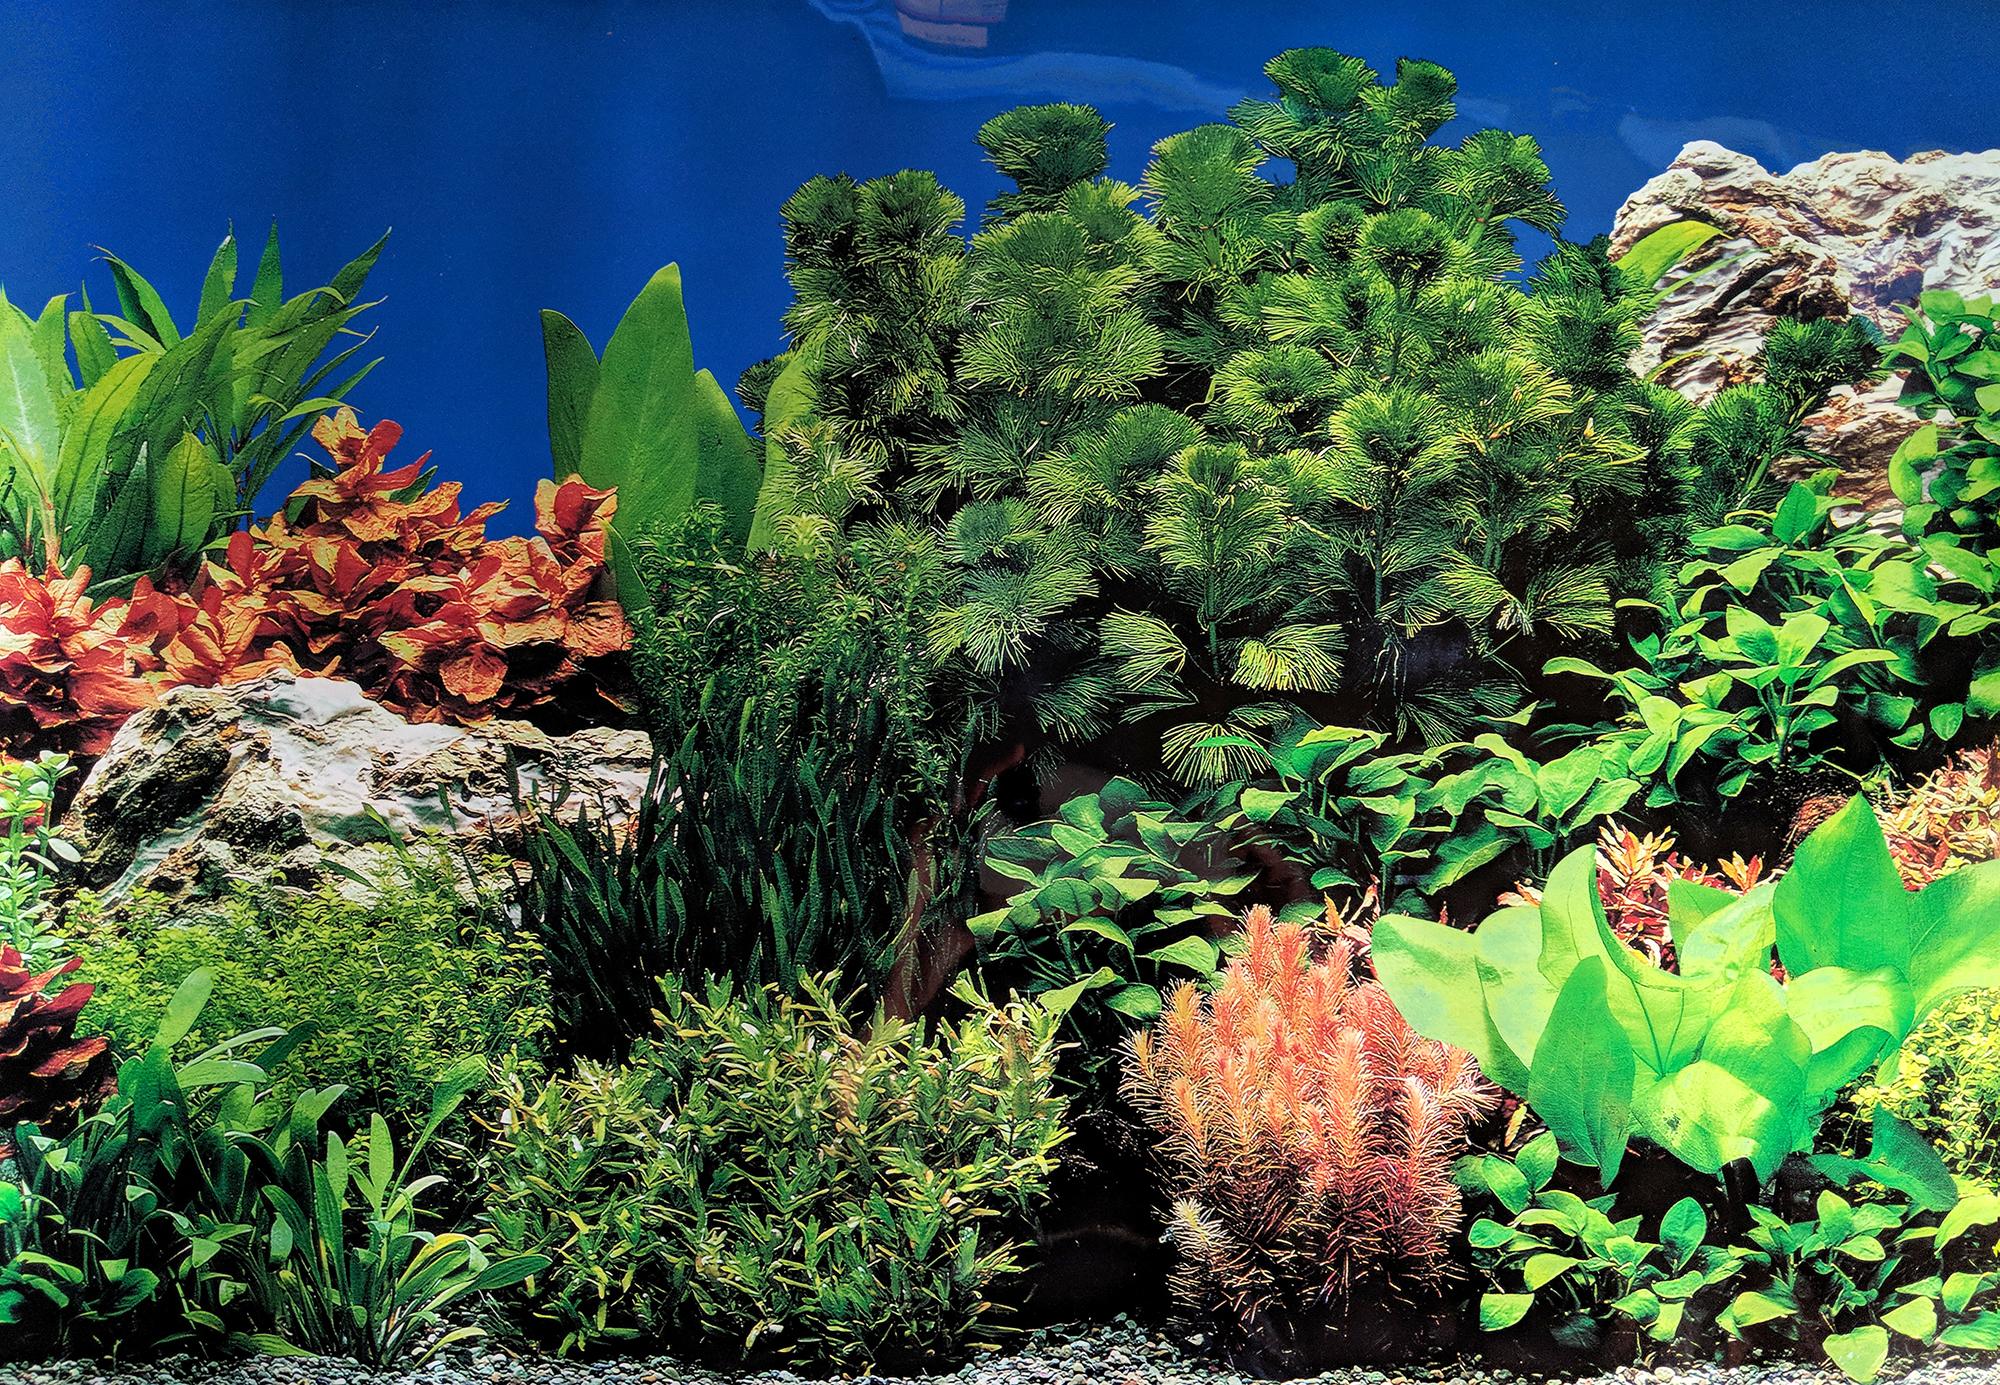 Fondo Acuario Doble Cara Repitiendo Coral Paisaje Marino